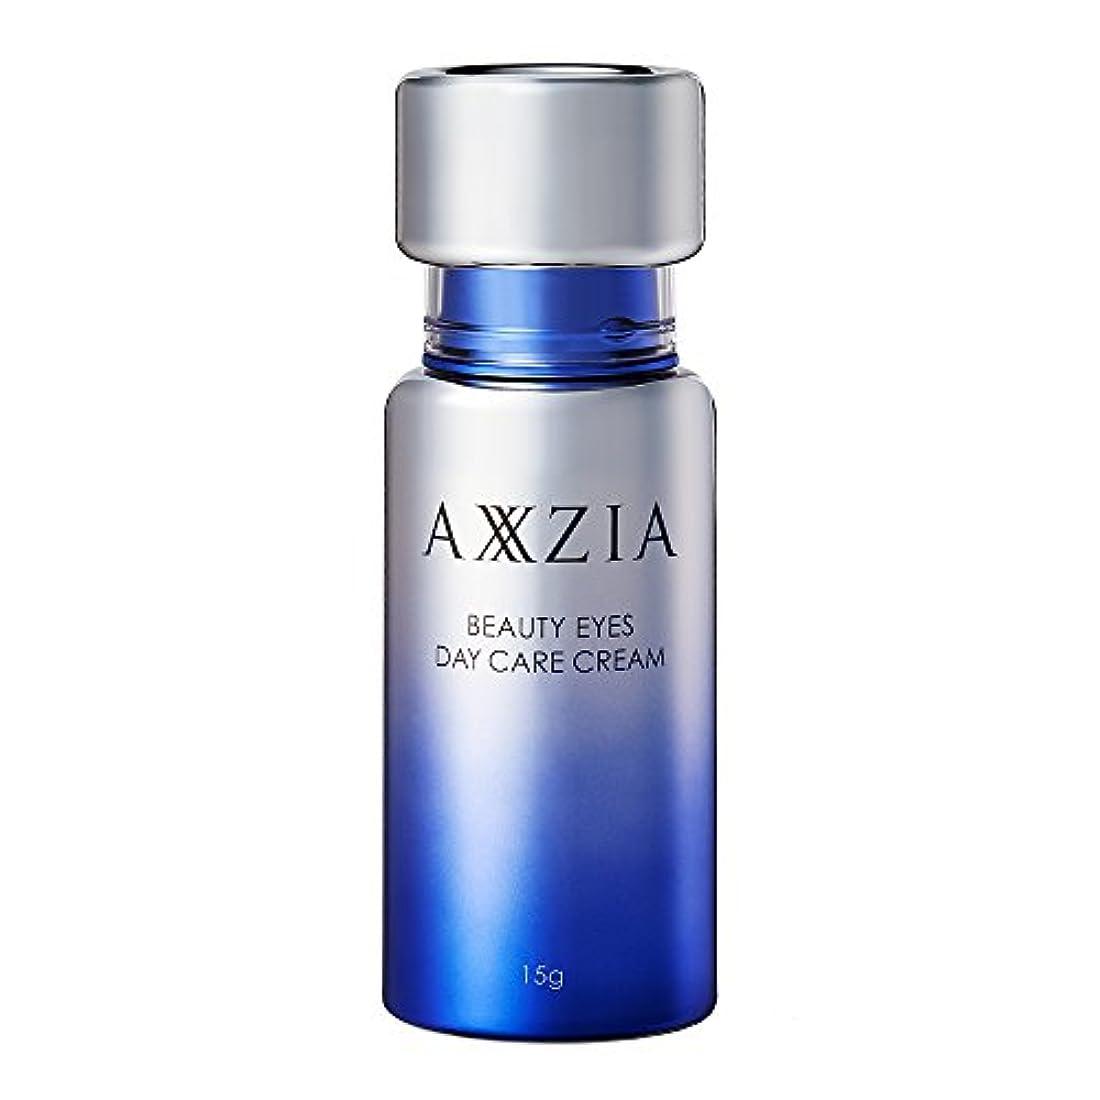 心臓実装する代理人アクシージア (AXXZIA) ビューティアイズ デイ ケア クリーム 15g | アイクリーム 目の下のたるみ 化粧品 解消 目元のたるみ